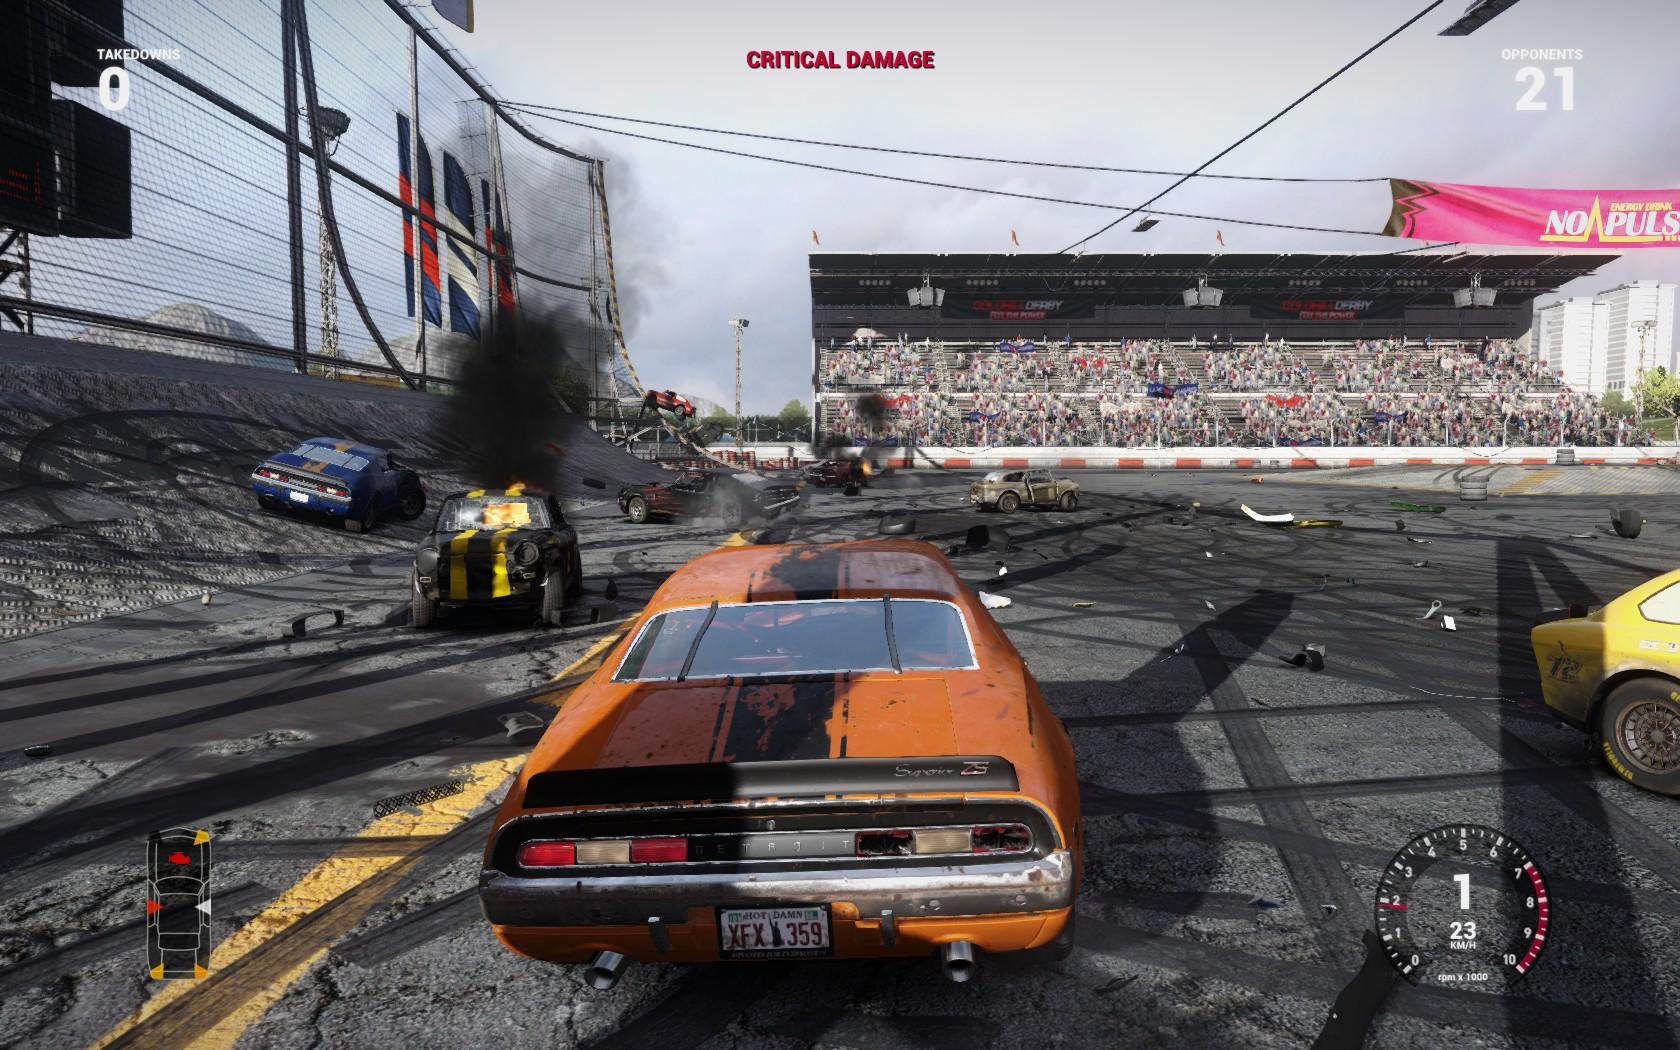 Next Car Game - dojmy z pre-alpha verze nelítostného závodění 91763